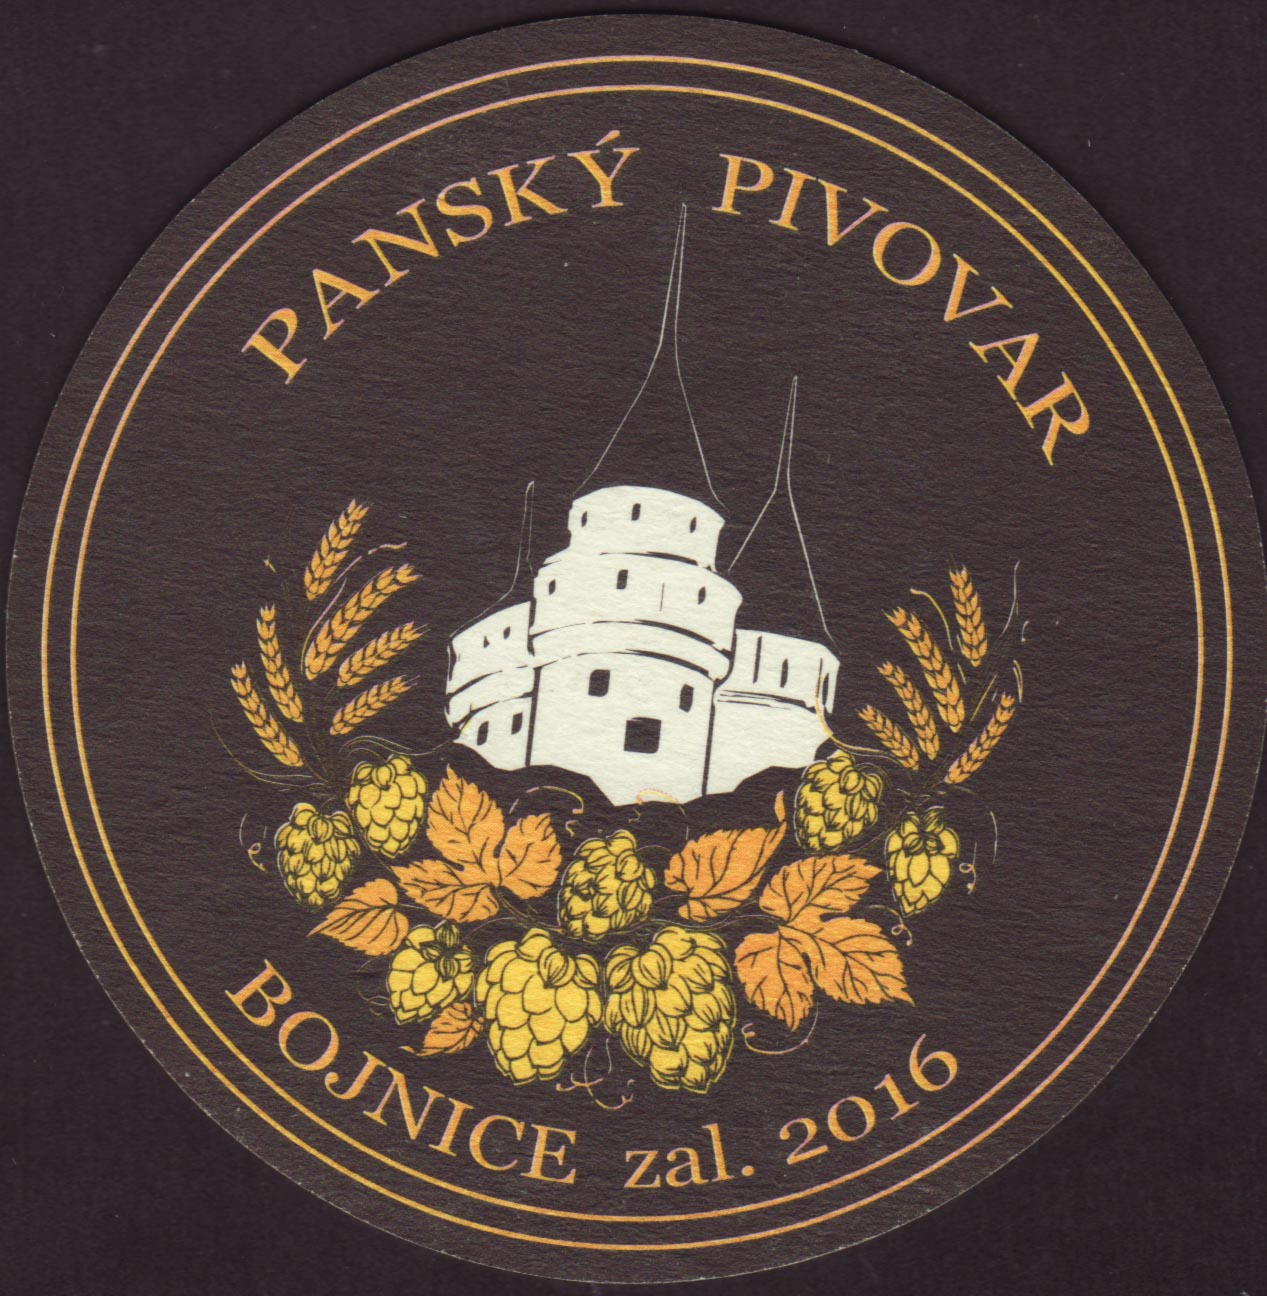 www.pivovarbojnice.sk